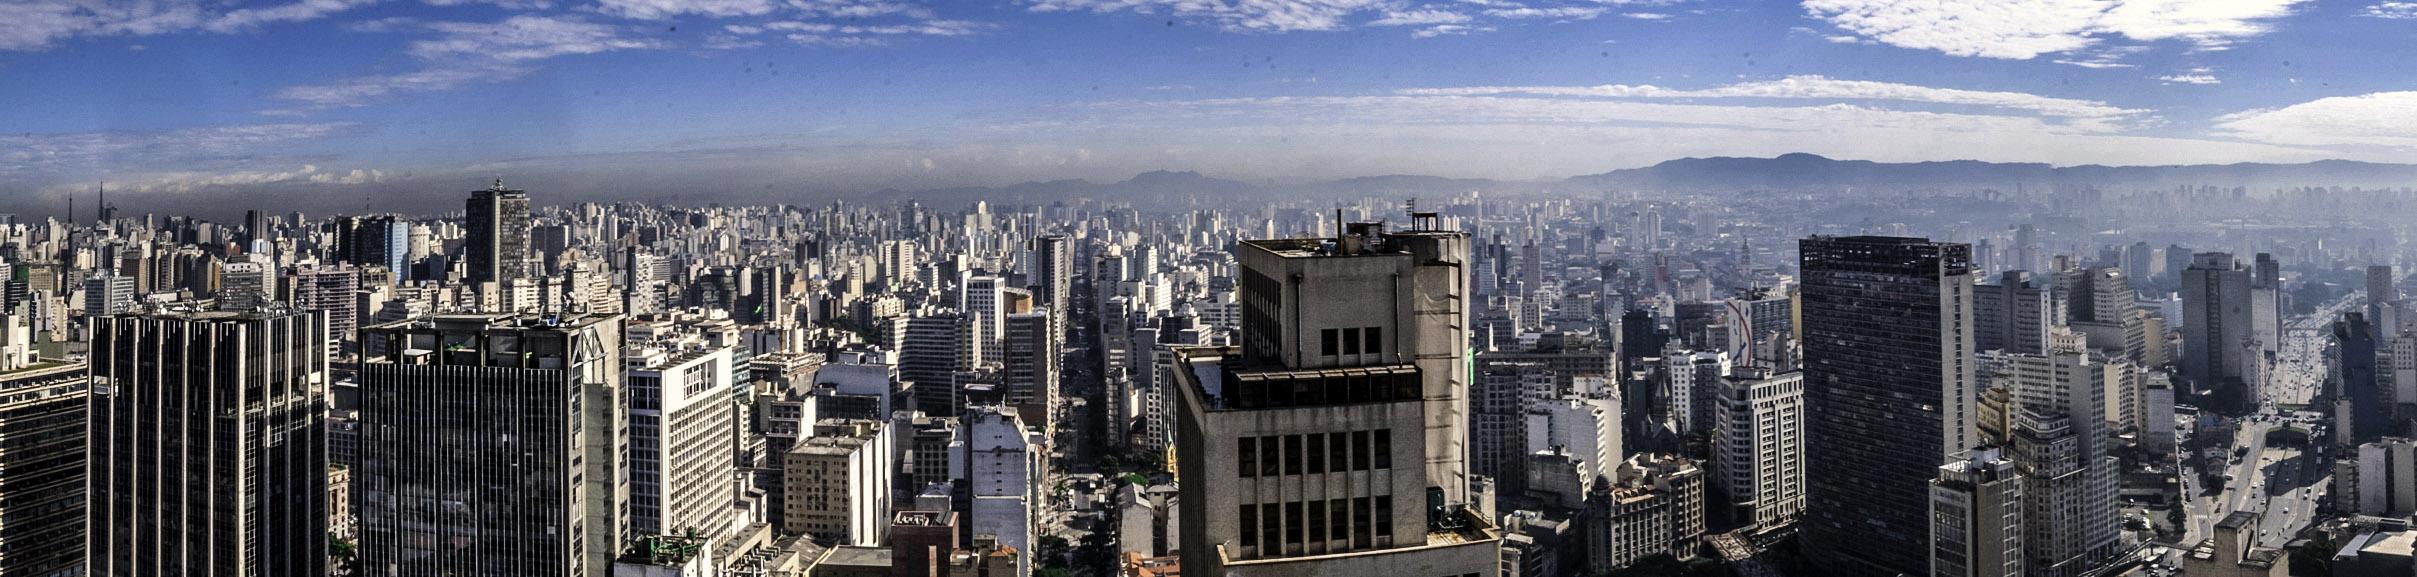 Panorama São Paulo fonte: www.goodfreephotos.com